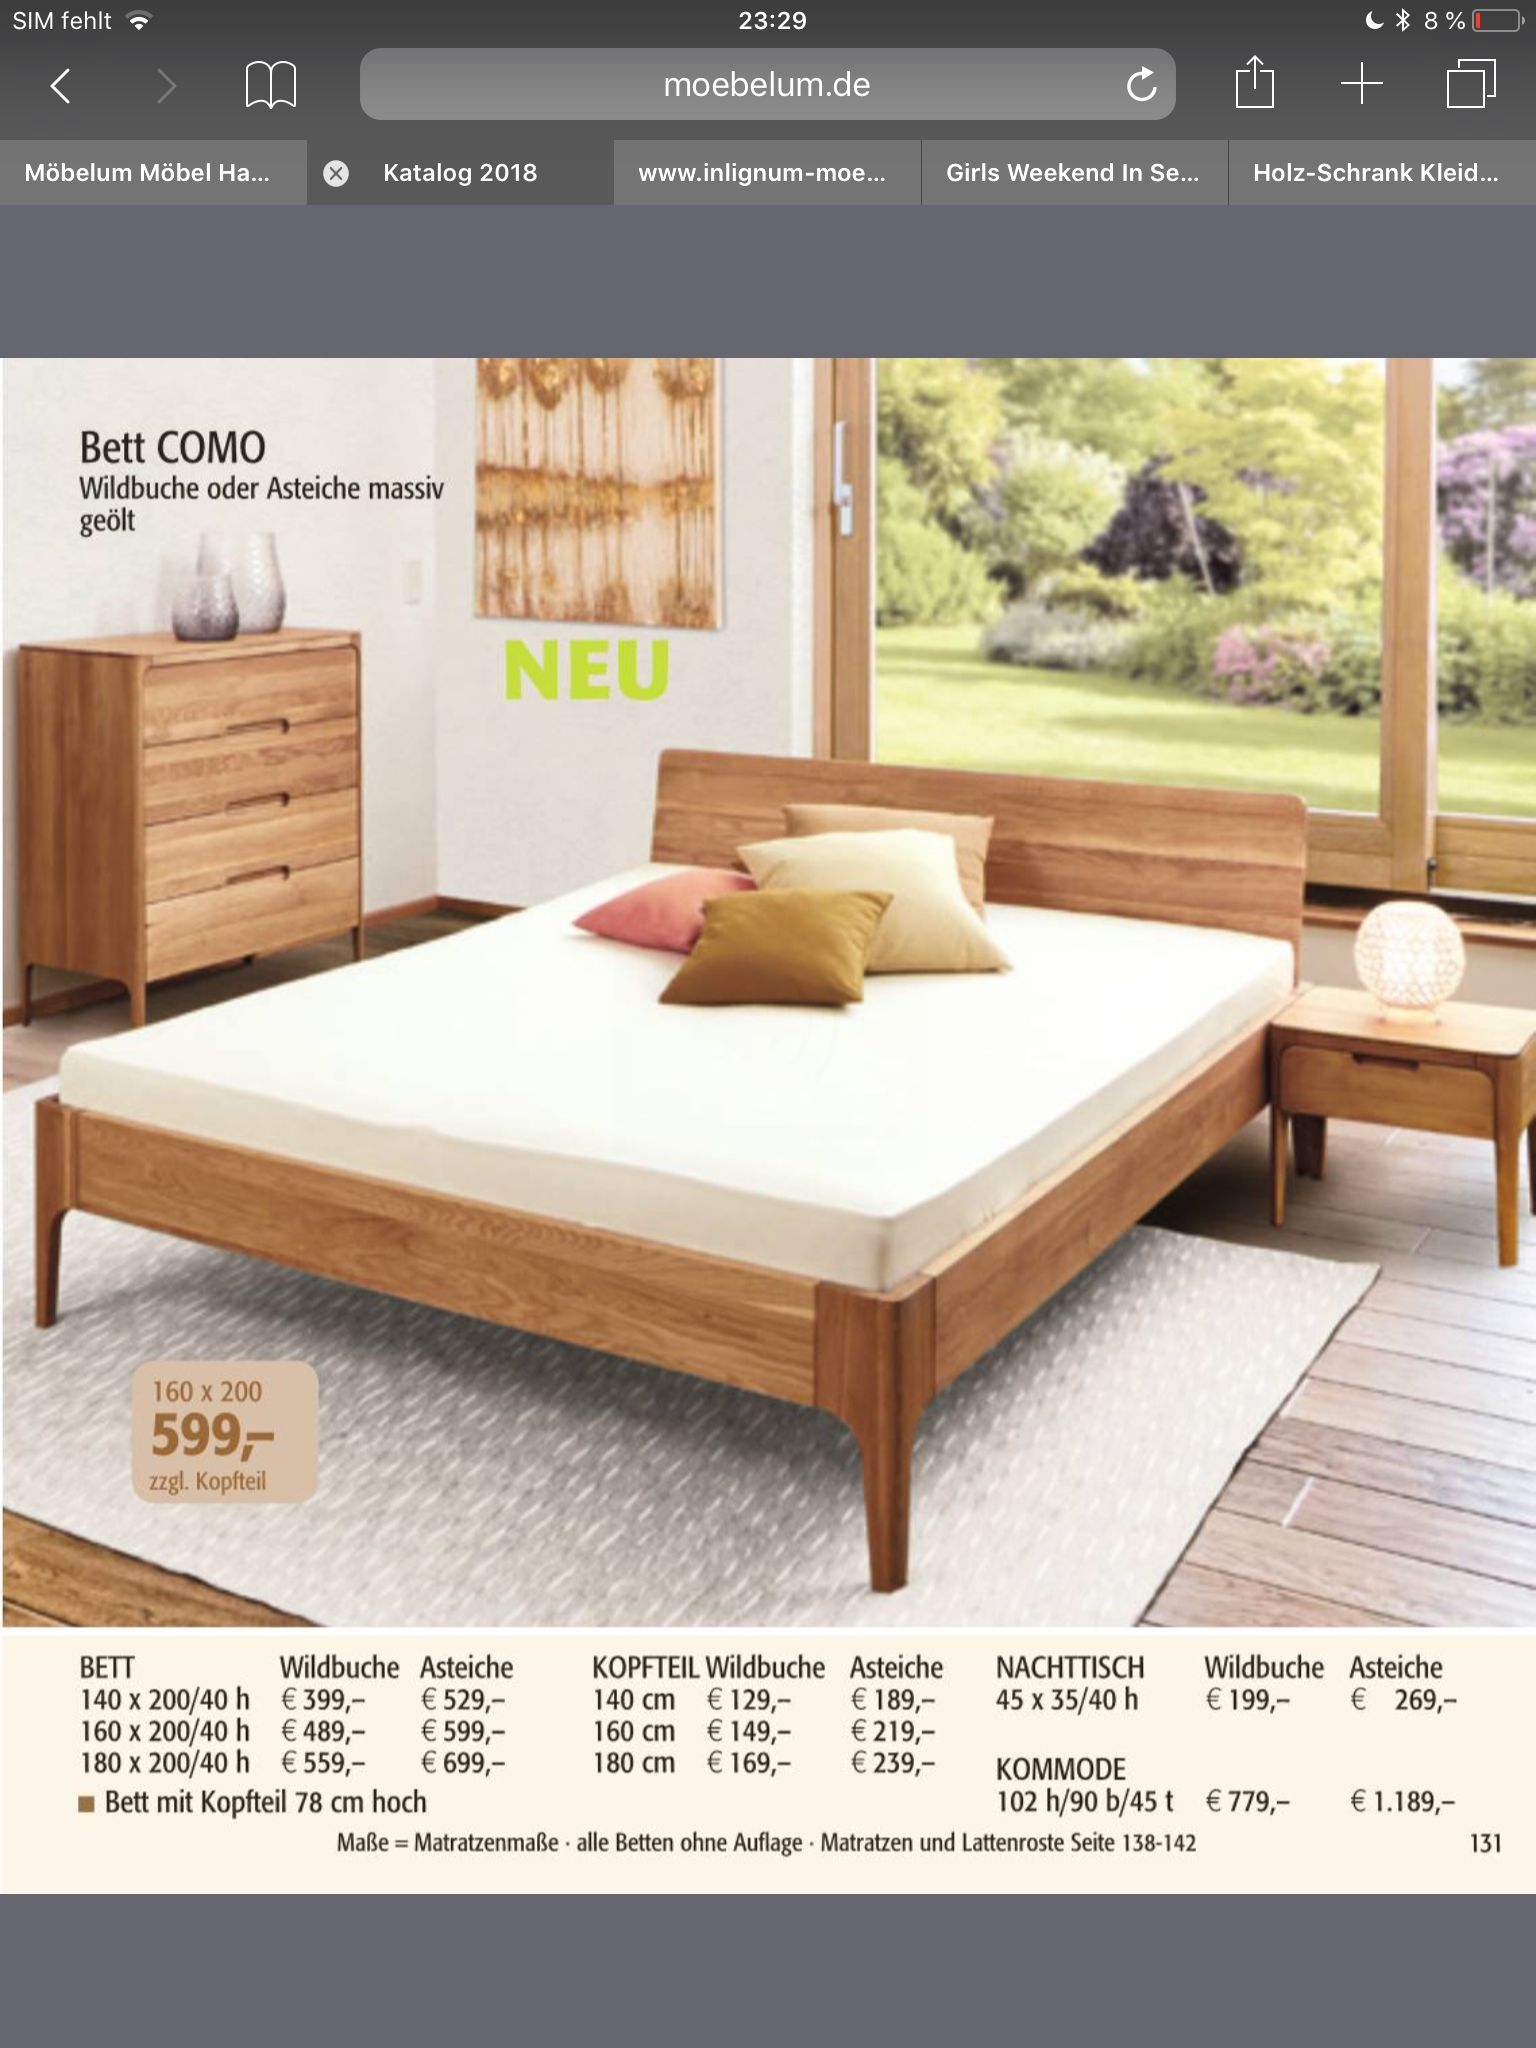 Idee von Kathi auf Schlafzimmer Kopfteil bett, Bett